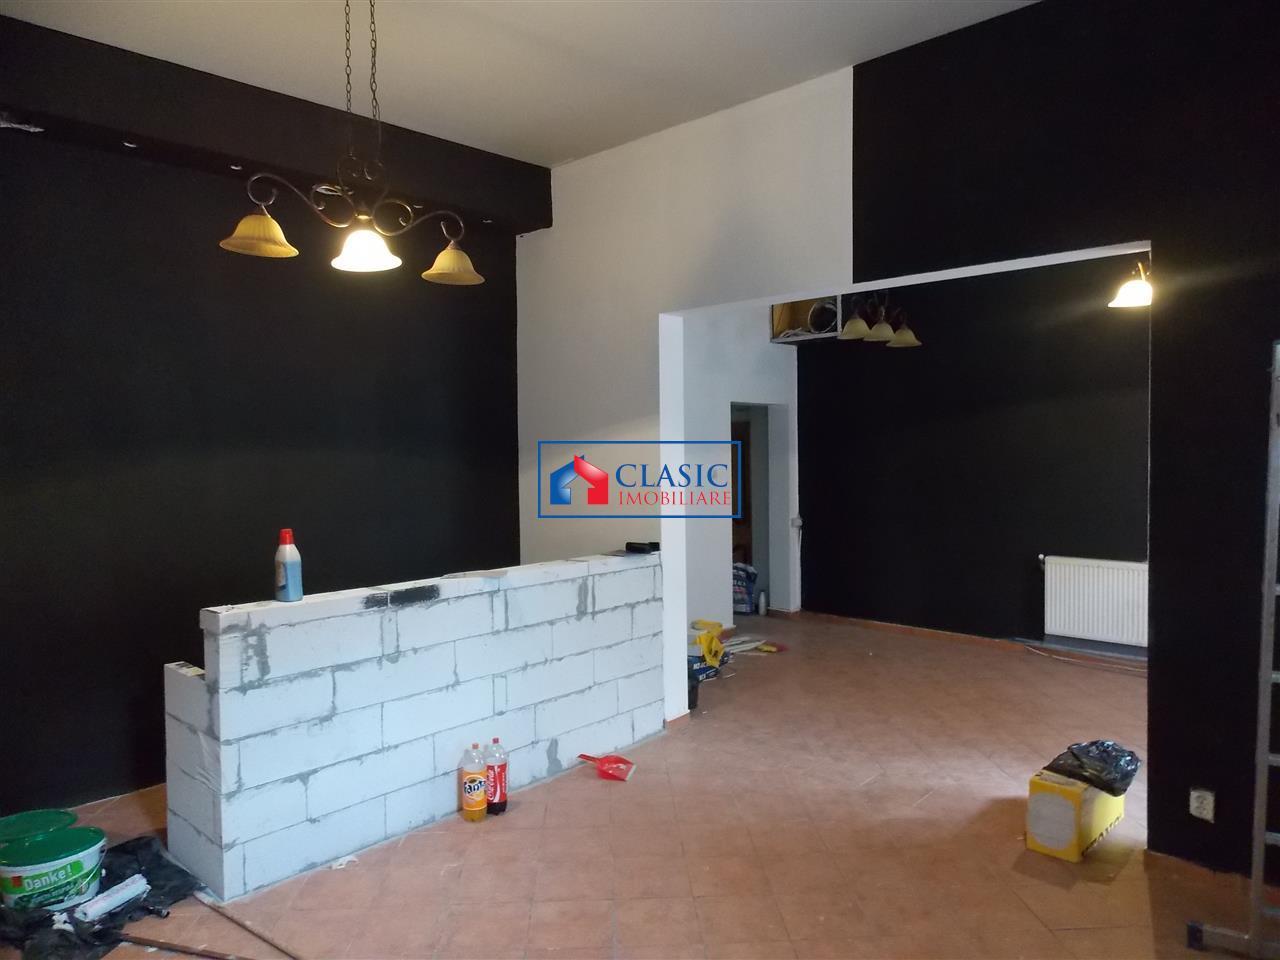 Inchiriere Spatii comerciale sau birouri Central 60 mp, Cluj Napoca